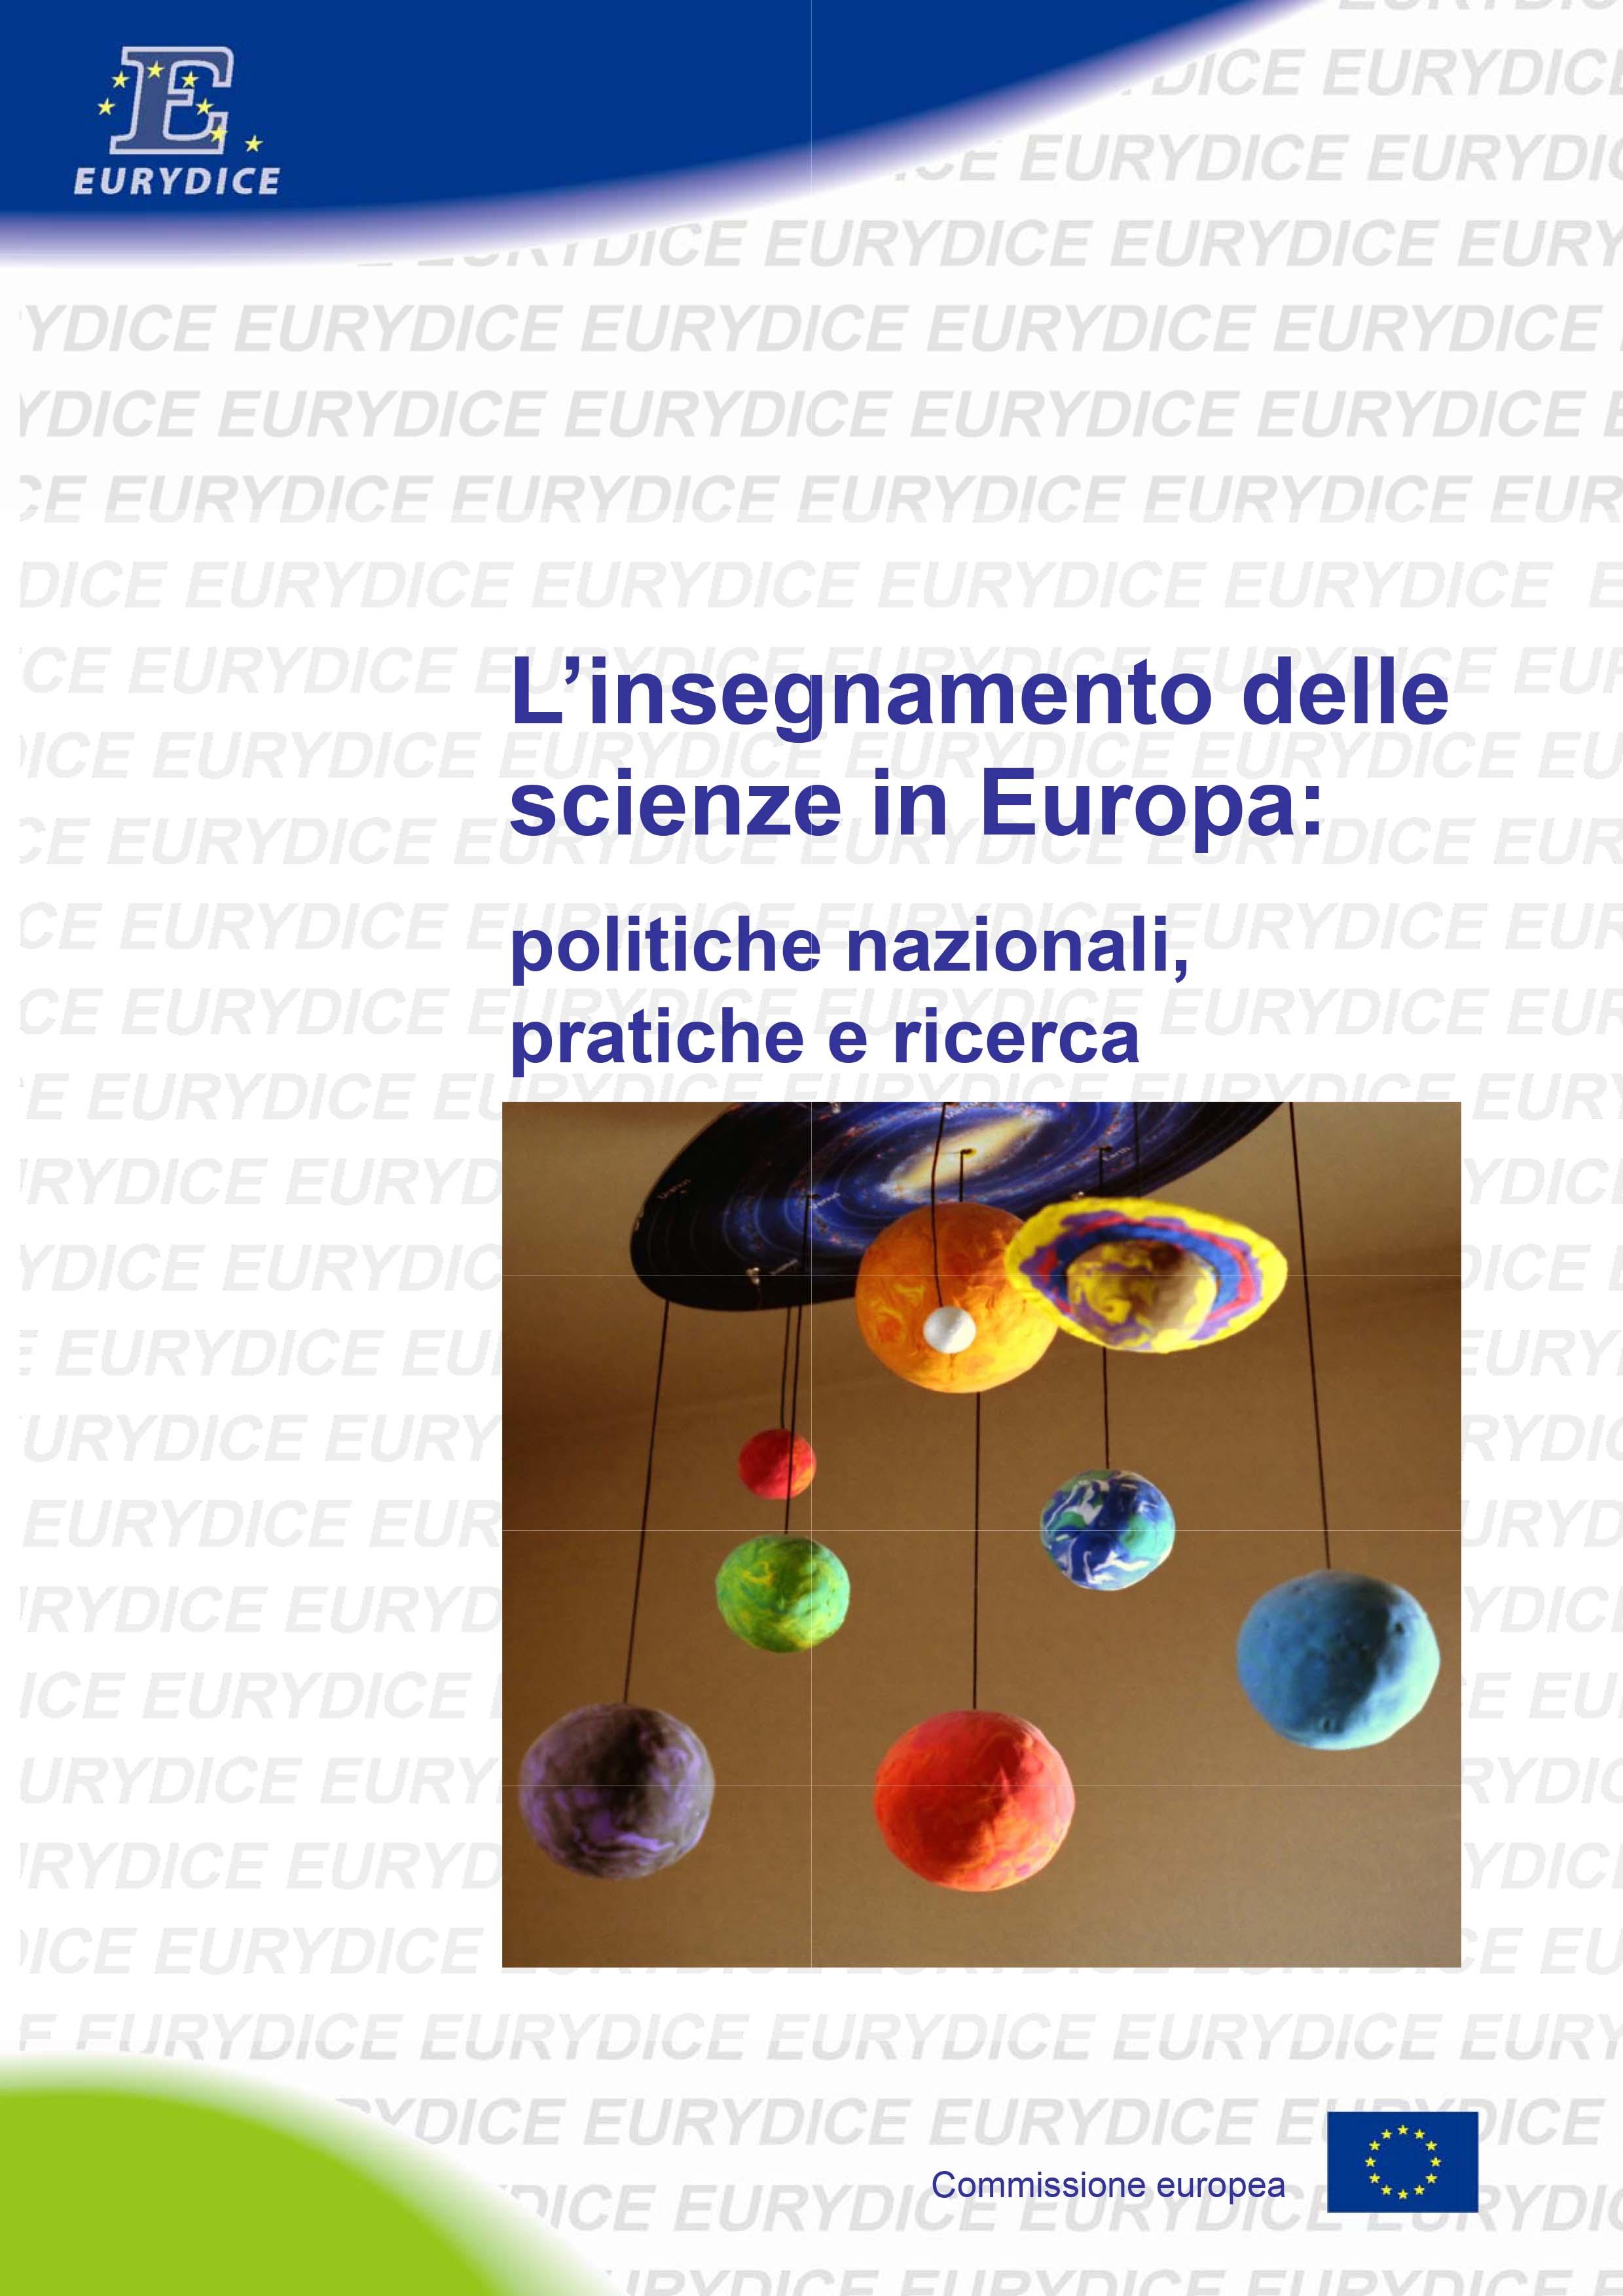 L'insegnamento delle scienze in Europa: politiche nazionali, pra